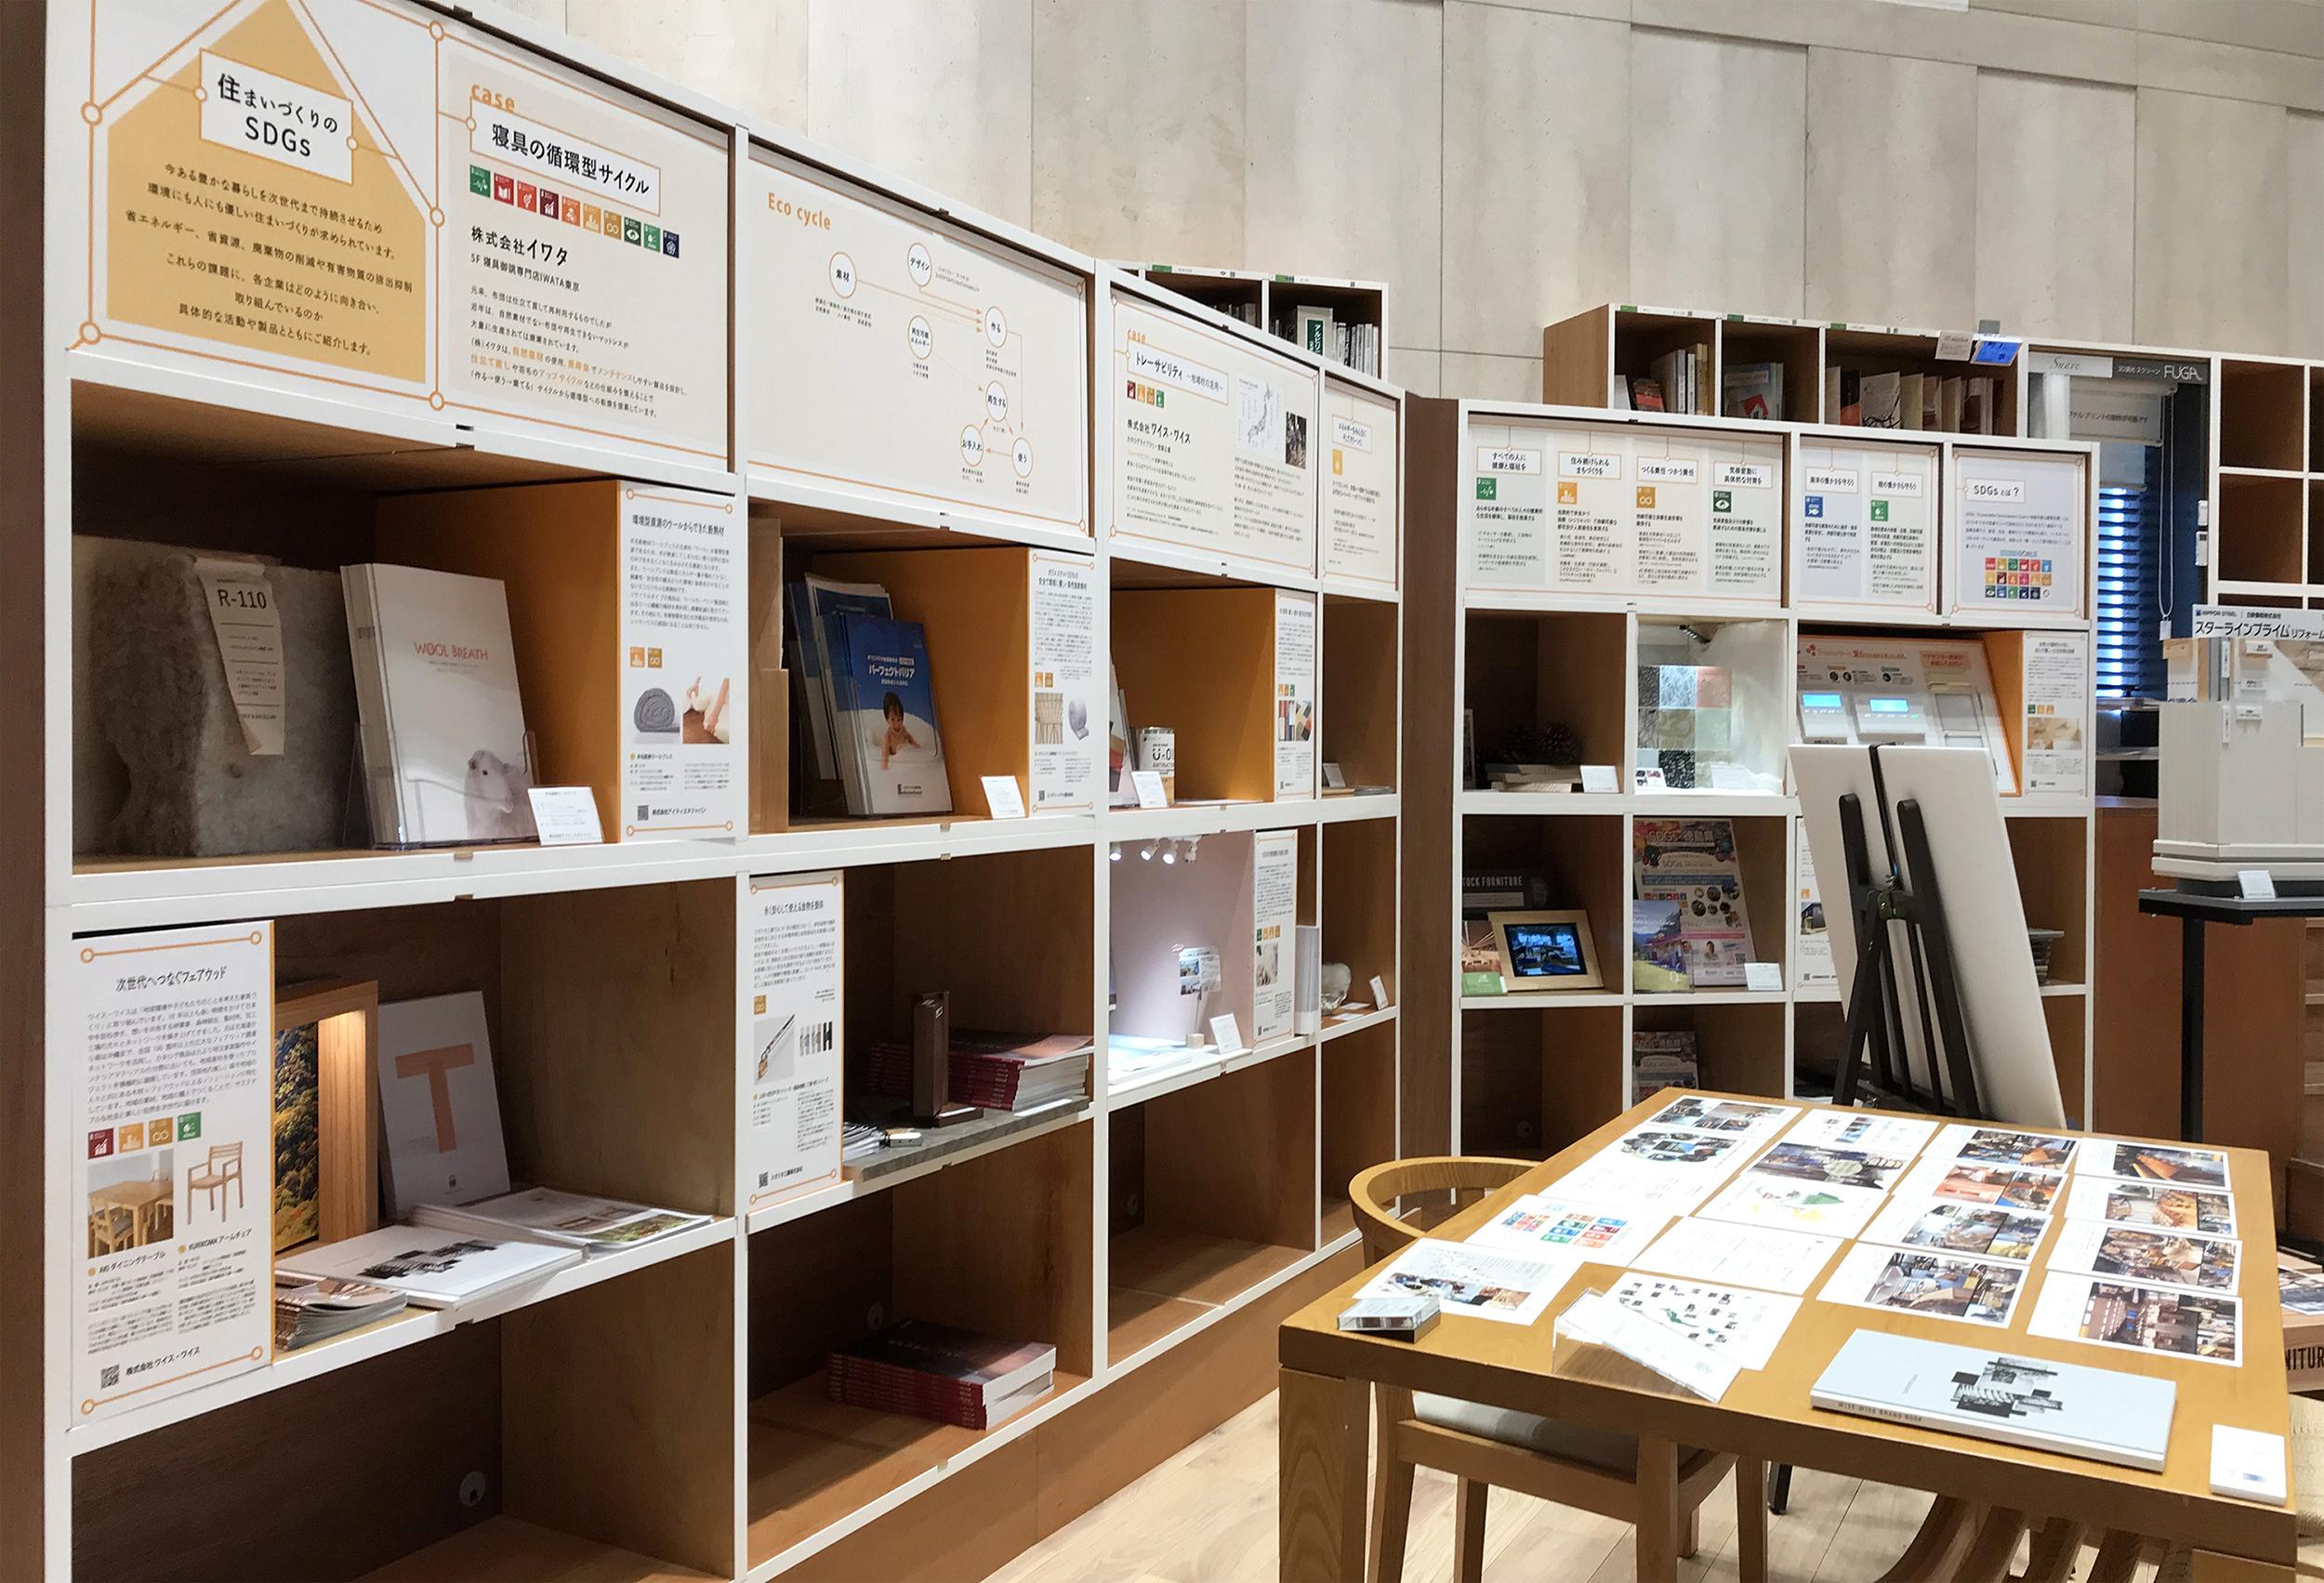 OZONE、SDGsの取り組みを紹介する展示会を開催